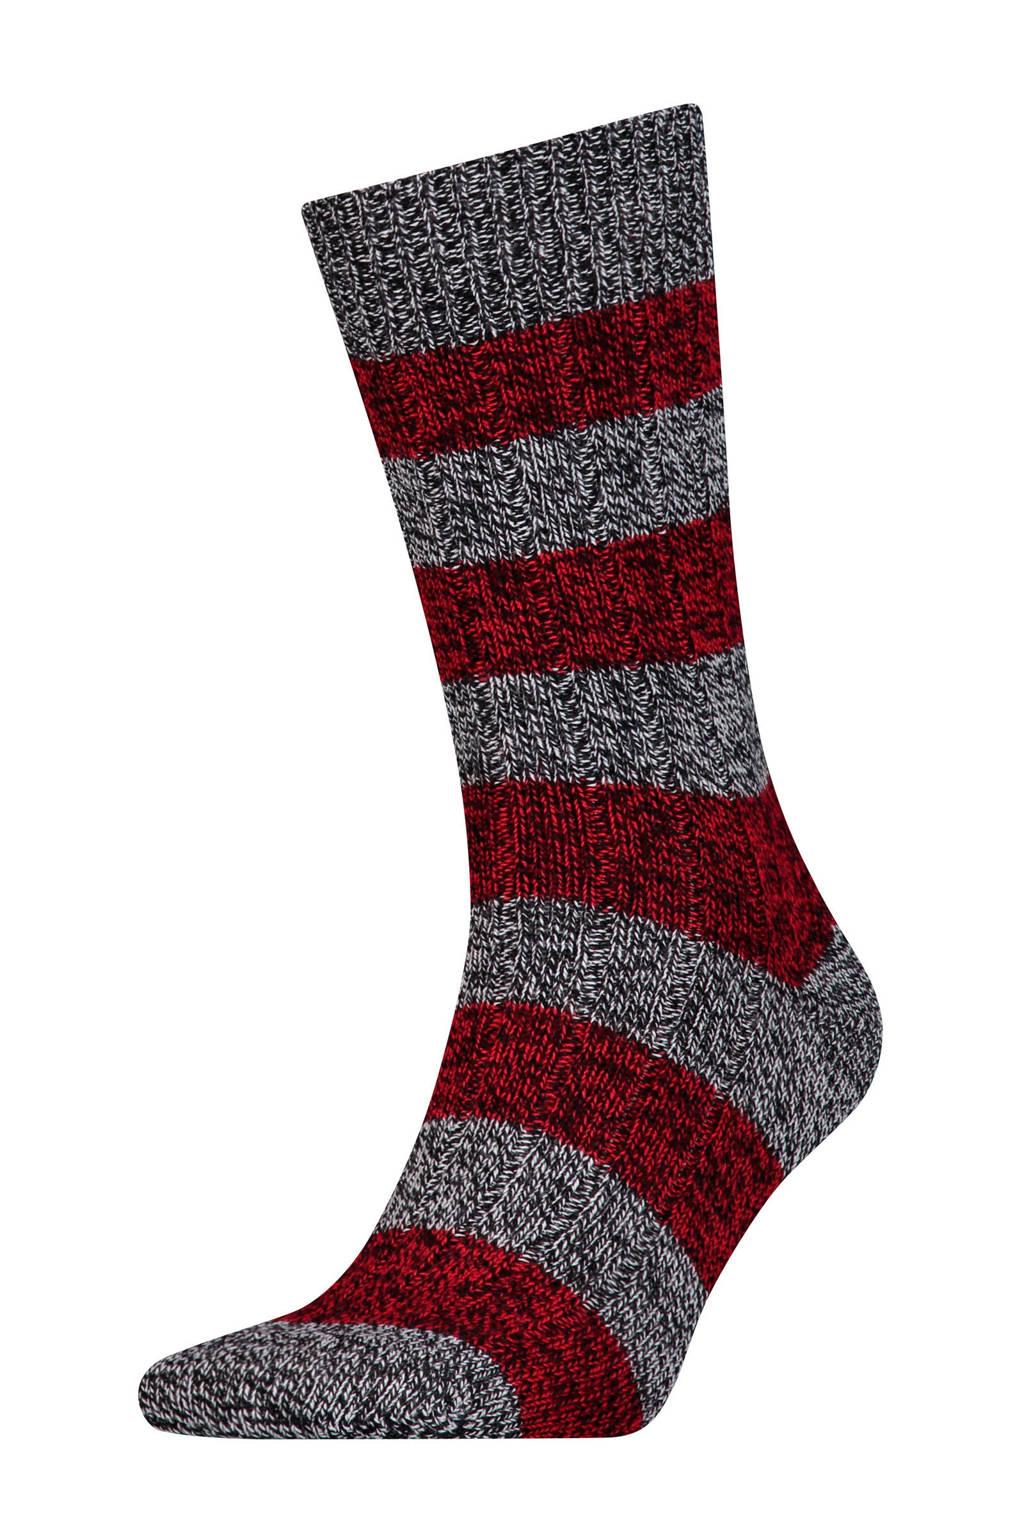 Levi's geméleerde sokken rood, Rood/zwart/wit